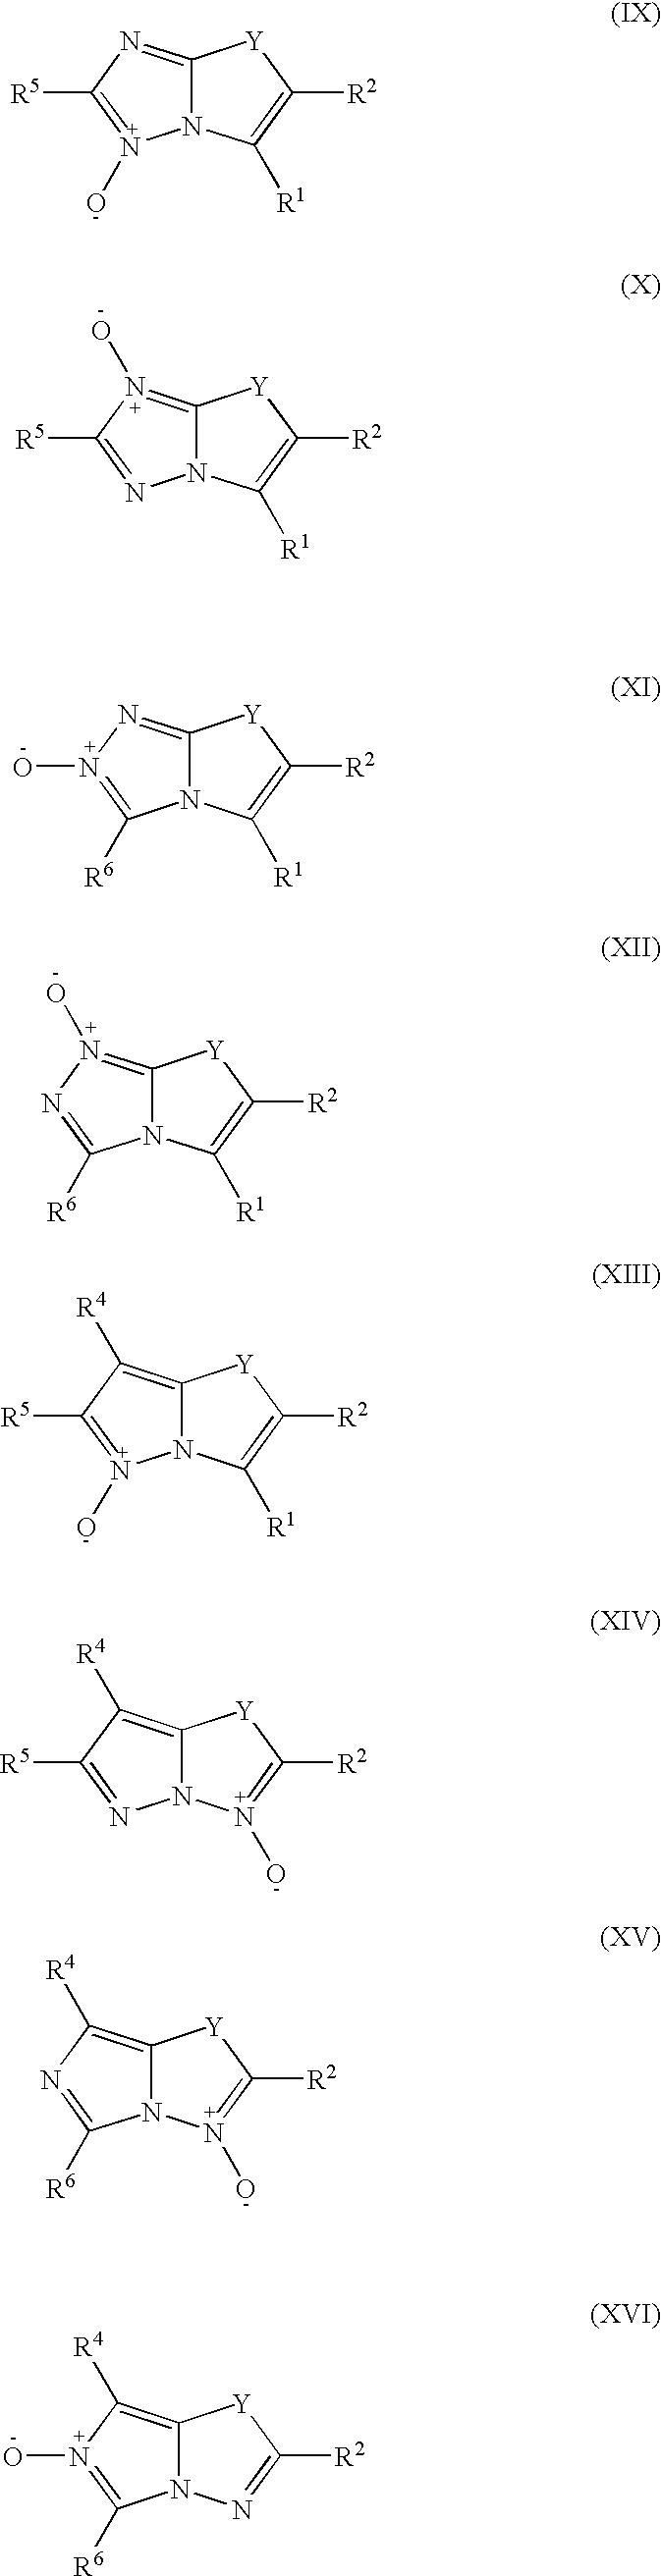 Figure US20060156483A1-20060720-C00030